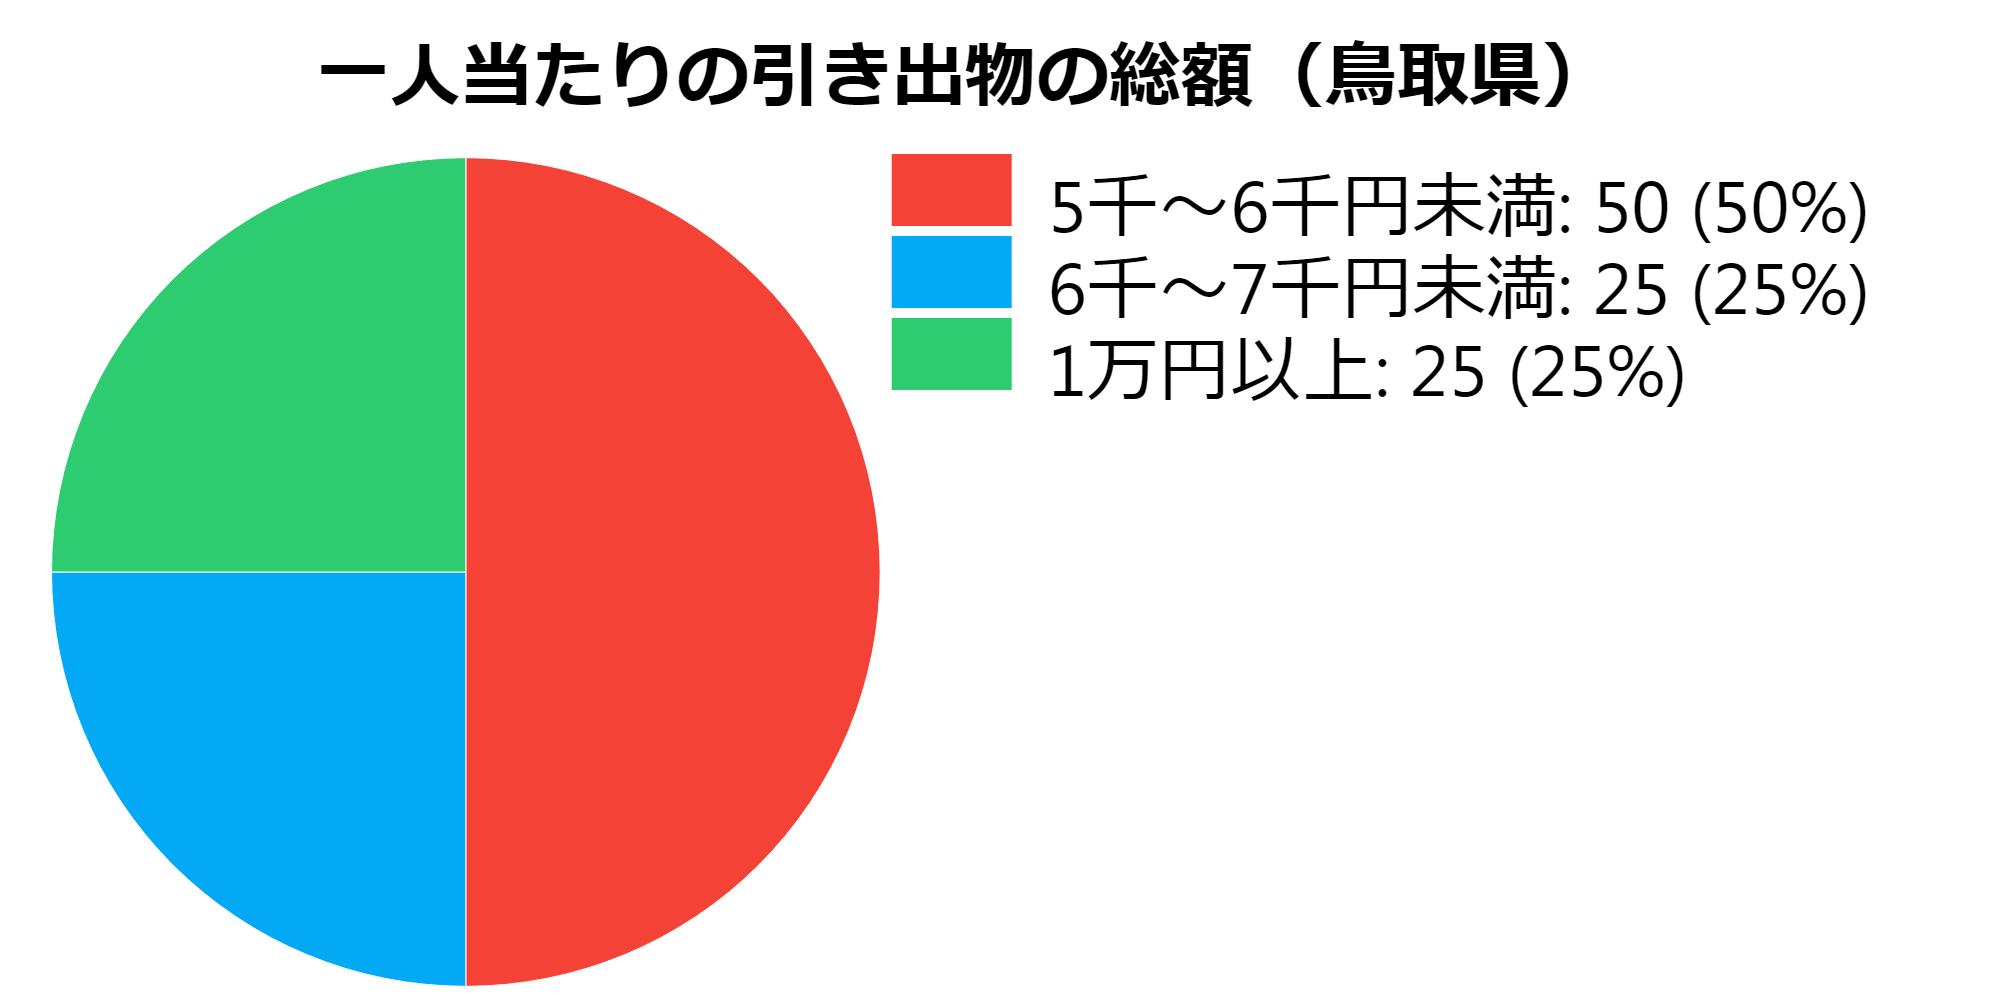 総額(鳥取県)